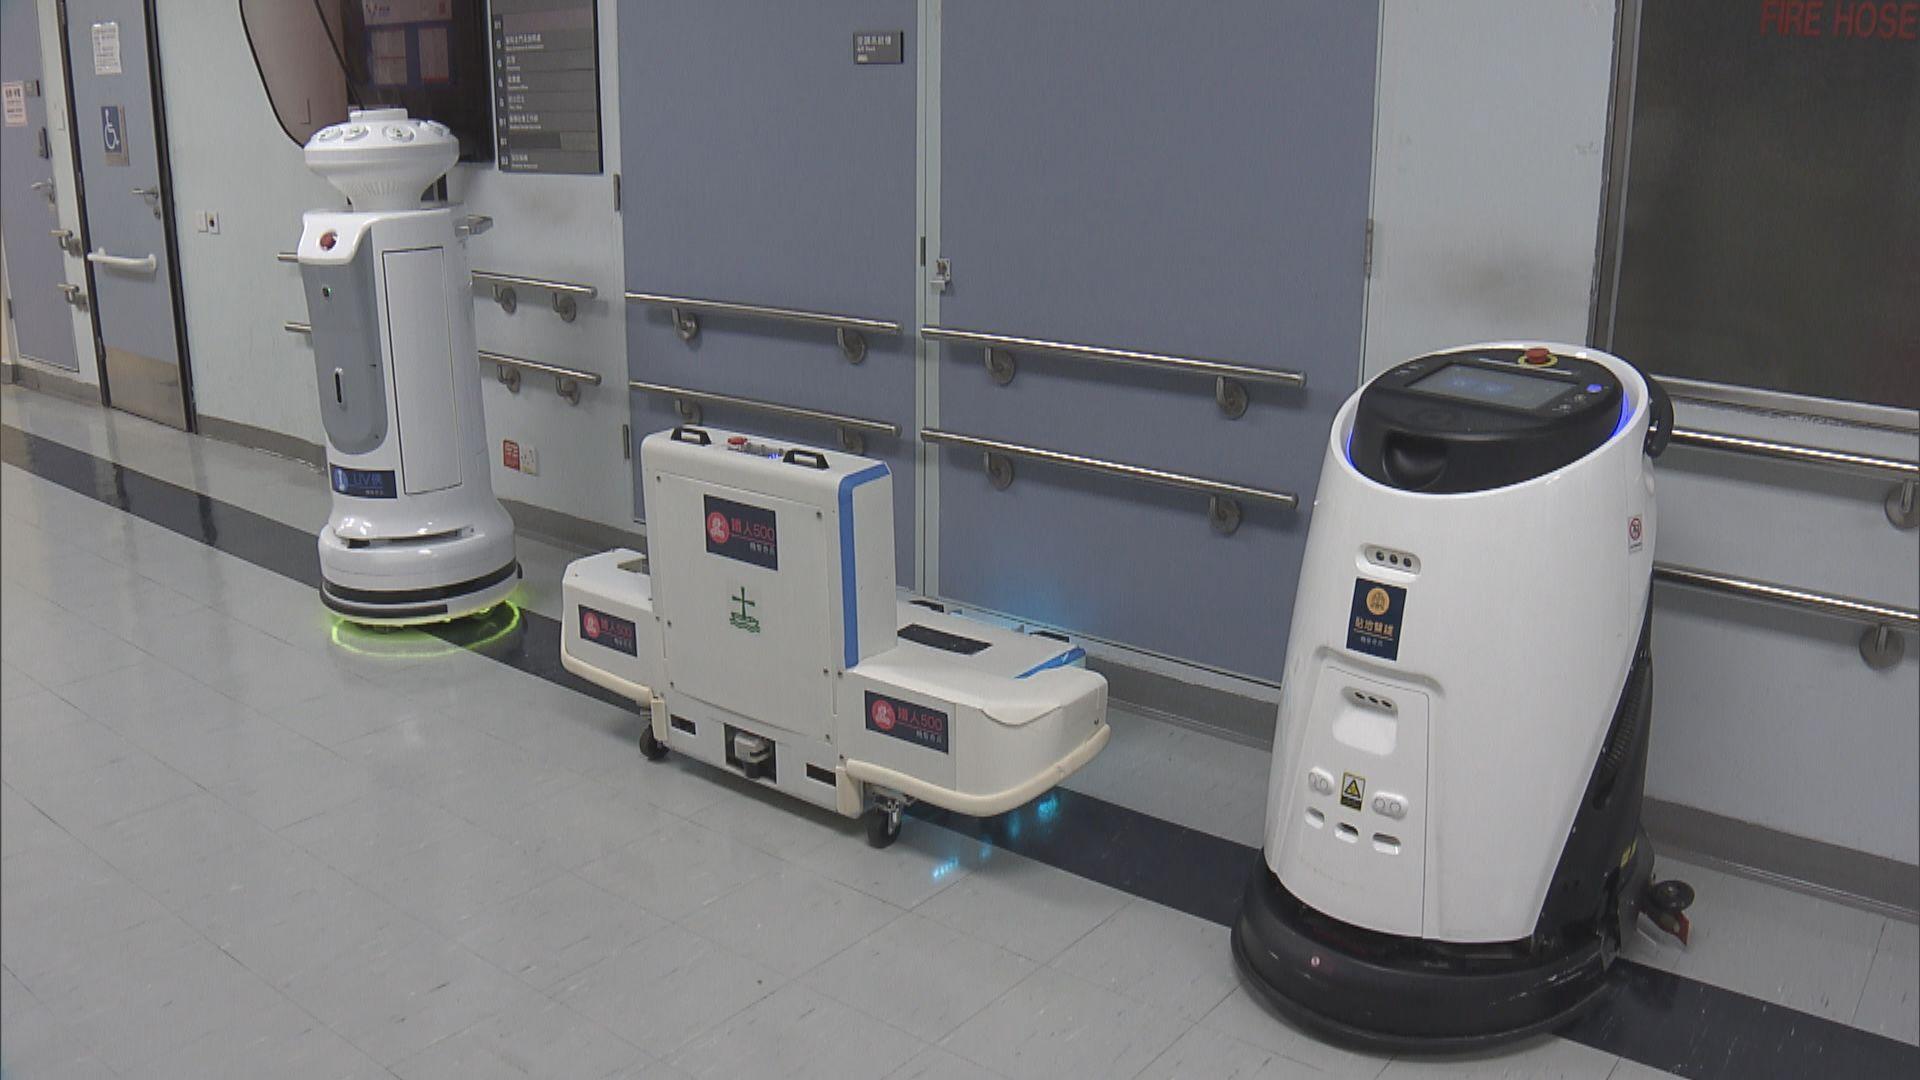 聯合醫院引入機械人團隊統籌院內運輸網絡